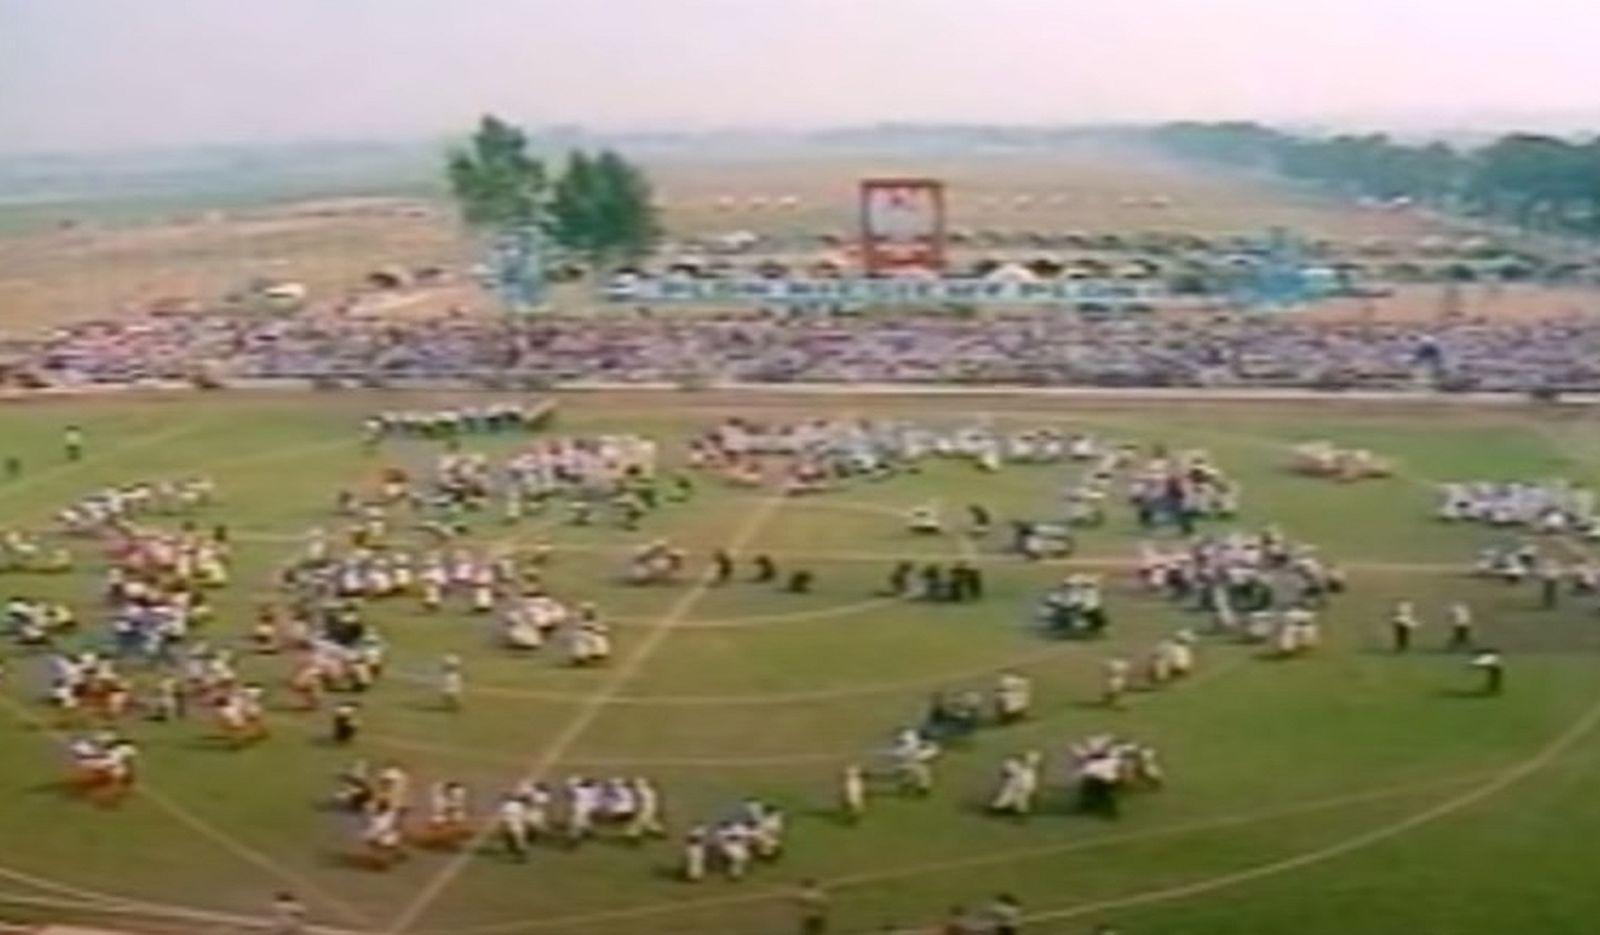 Marszew. Kiedyś o tym stadionie mówiła cała Polska. - Dziś żal patrzeć - twierdzi nasz Czytelnik - Zdjęcie główne